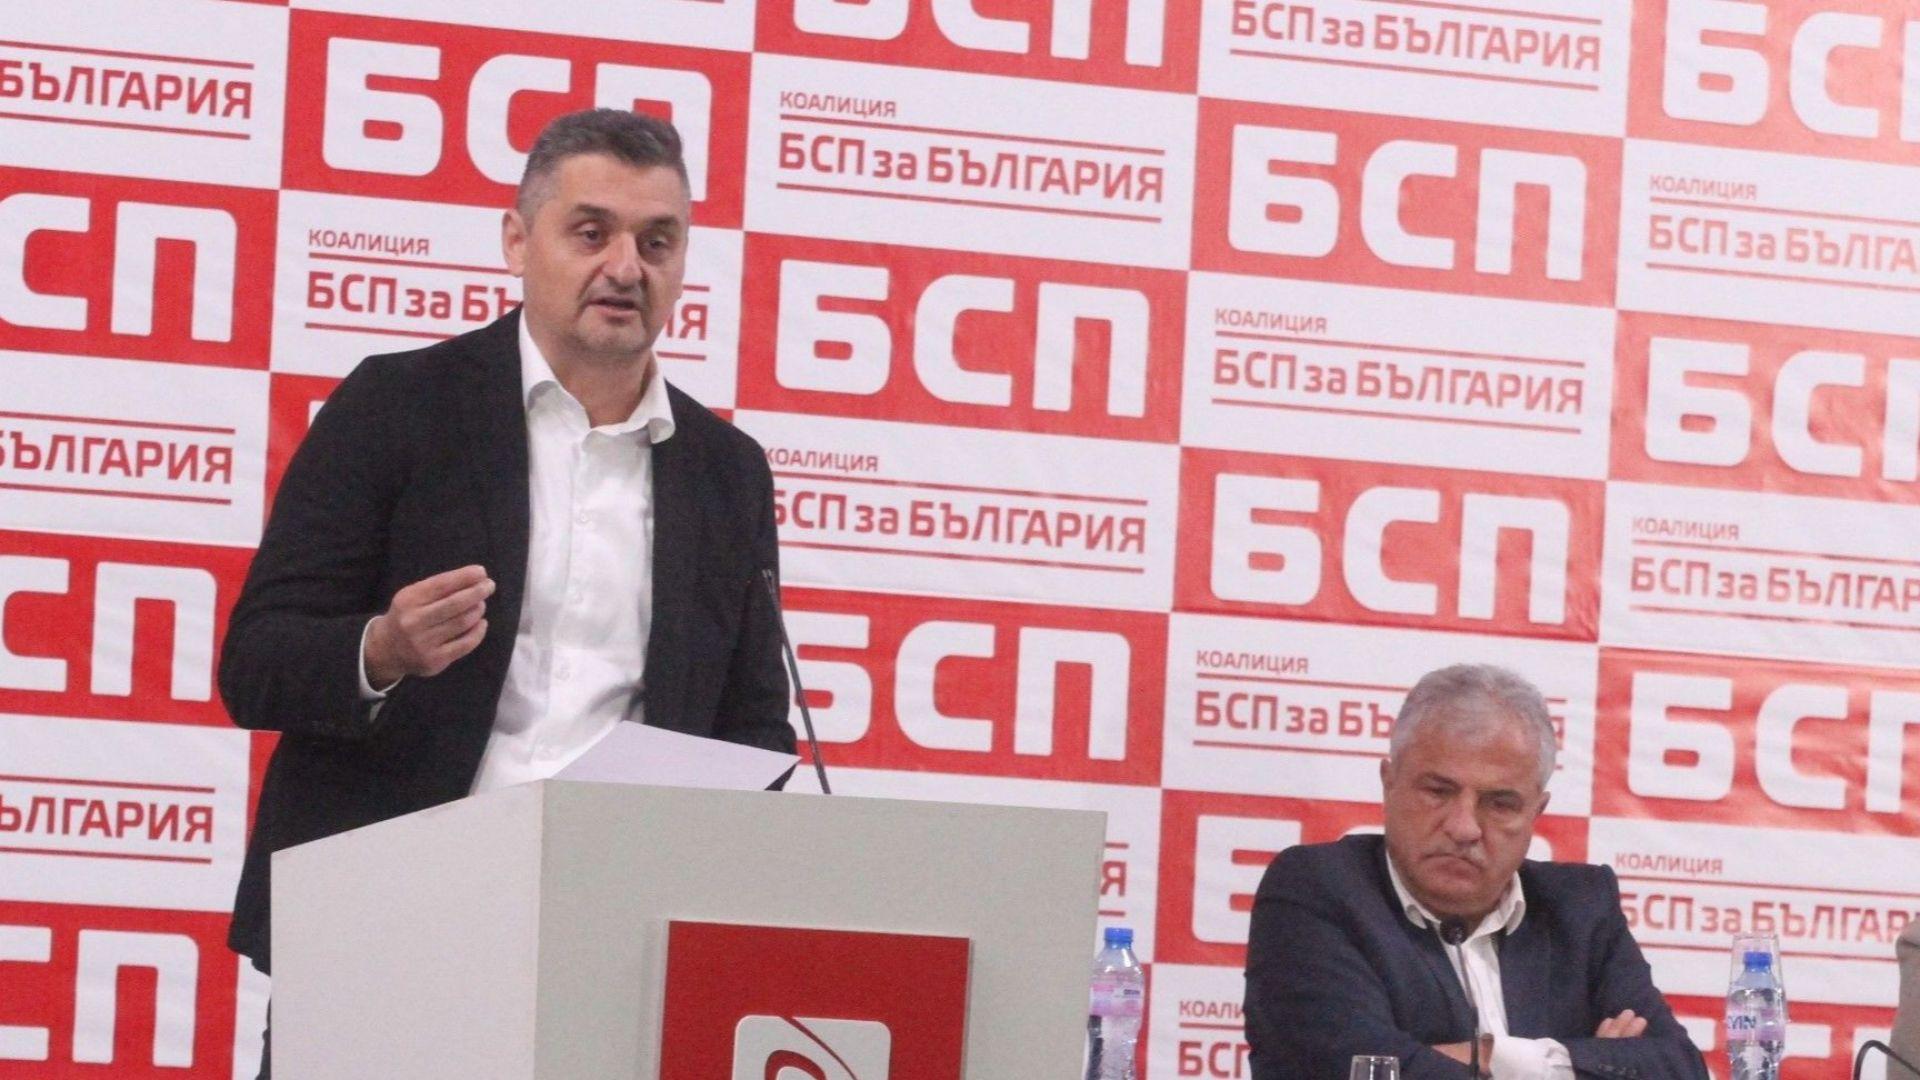 Кирил Добрев: Антикризисните пари ще отидат във фирмите за бързи кредити, а не при хората